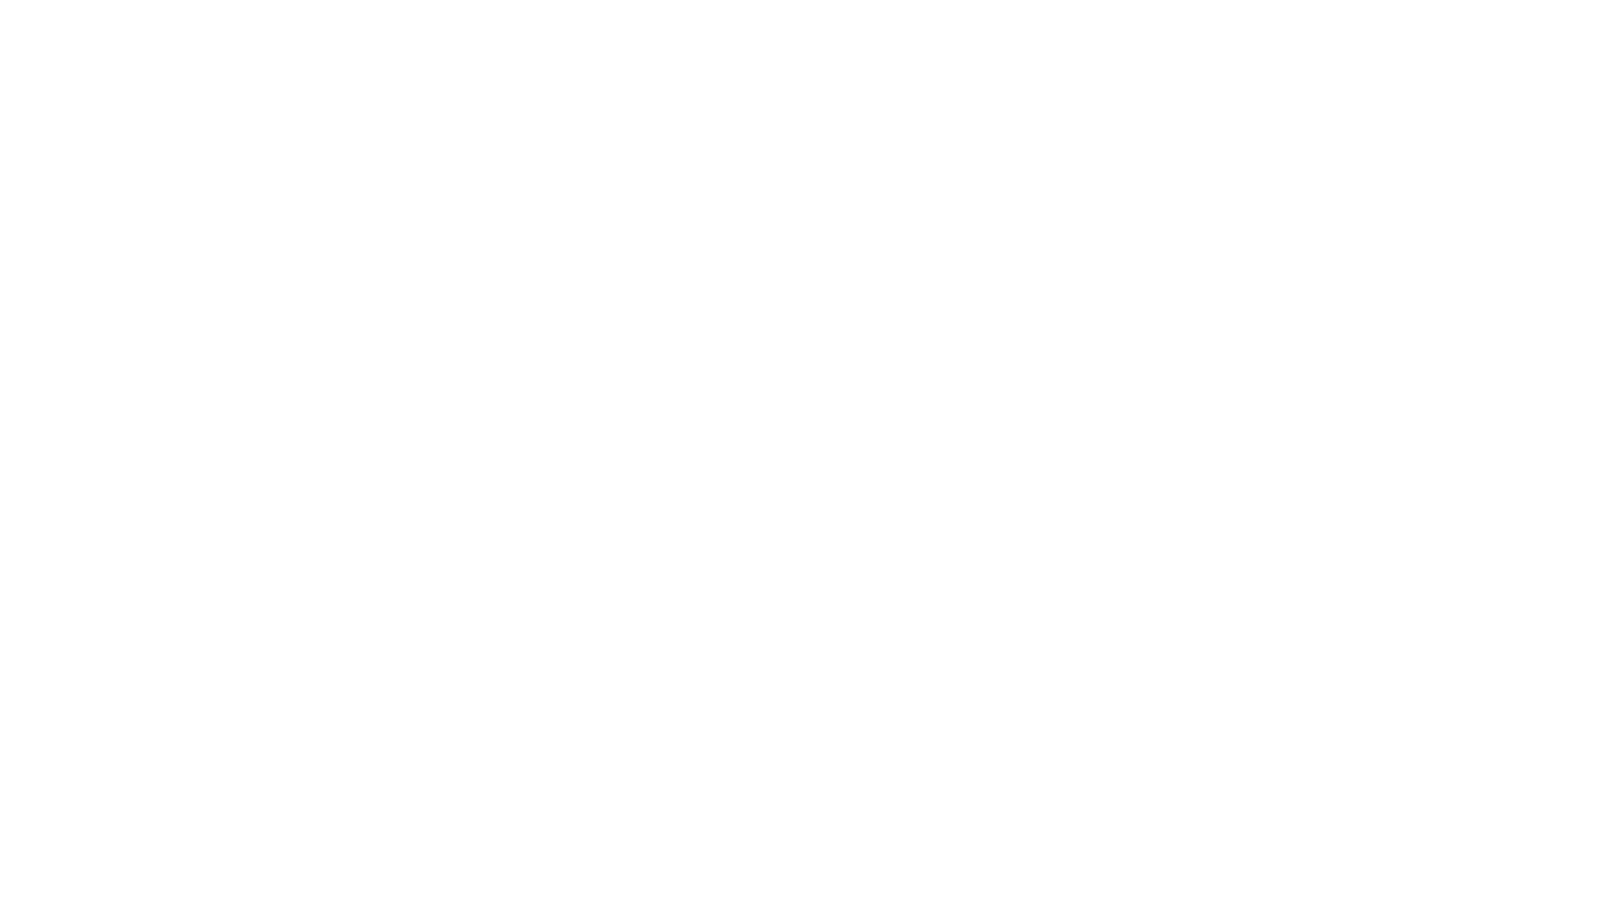 """Представяме ви двадесет и четвърта грава от аудио книгата """"Откровения на Истината"""", а именно """"Подмененото Христово Учение""""Приятно слушане❤Книгата се разпространява БЕЗПЛАТНО и може да я изтегллите в електронен формат от тук: http://istina.bg/otkroveniya-na-istinata/  или да я поръчате на хартиен носител, като пишете тук: https://www.facebook.com/dete.na.svetlinata📘В сайта http://istina.bg може да откриете още много материали на духовна и здравословна тематика, както и безплатна виртуална библиотека. И вярвам, че там ще откриете много отдавна търсени отговори.Ако нещата, които правим, ви харесват и са ви интересни, може да се абонирате за канала и да натиснете камбанката🔔, за да получавате известие, когато качим ново видео.🔔За да се абонирате: http://bit.ly/3p9kLcT 👍 https://www.facebook.com/dete.na.svetlinata😇Ако намирате нашата дейност за вдъхновяваща и пробуждаща и желаете да я подкрепите, може да го направите от тук: http://istina.bg/darenia/Благодарим! ❤️#ИстинаБГ #РудолфЩайнер #ПетърДънов #БеинсаДуно #духовно #Паневритмия #ОткровениянаИстината #слово #Христос #аудиокнига #Библия #Исус #Христос #учение #аудио"""